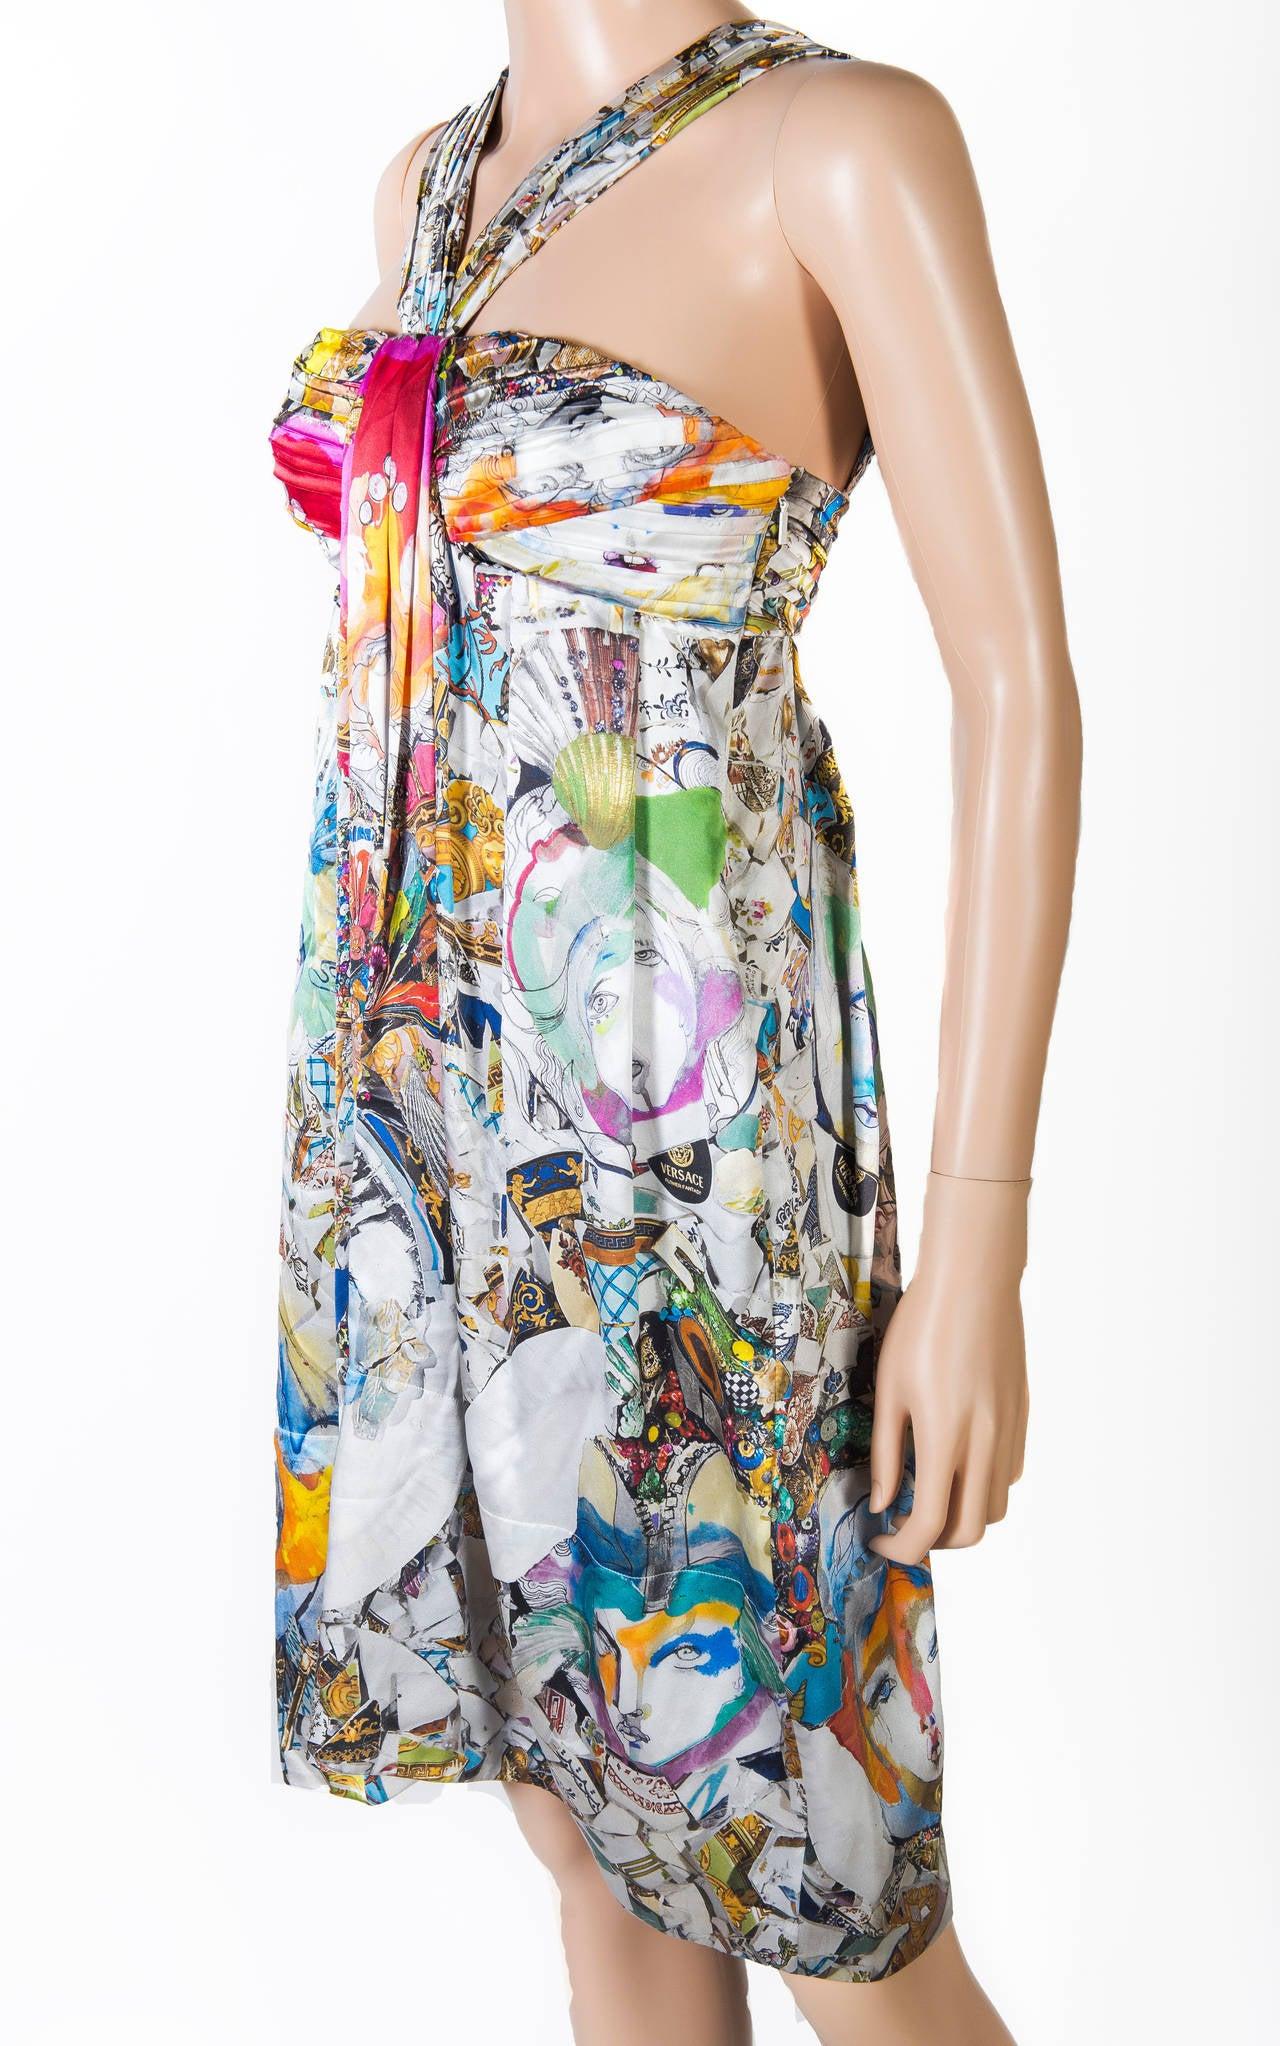 New VERSACE Julie Verhoeven Print Silk Dress 3